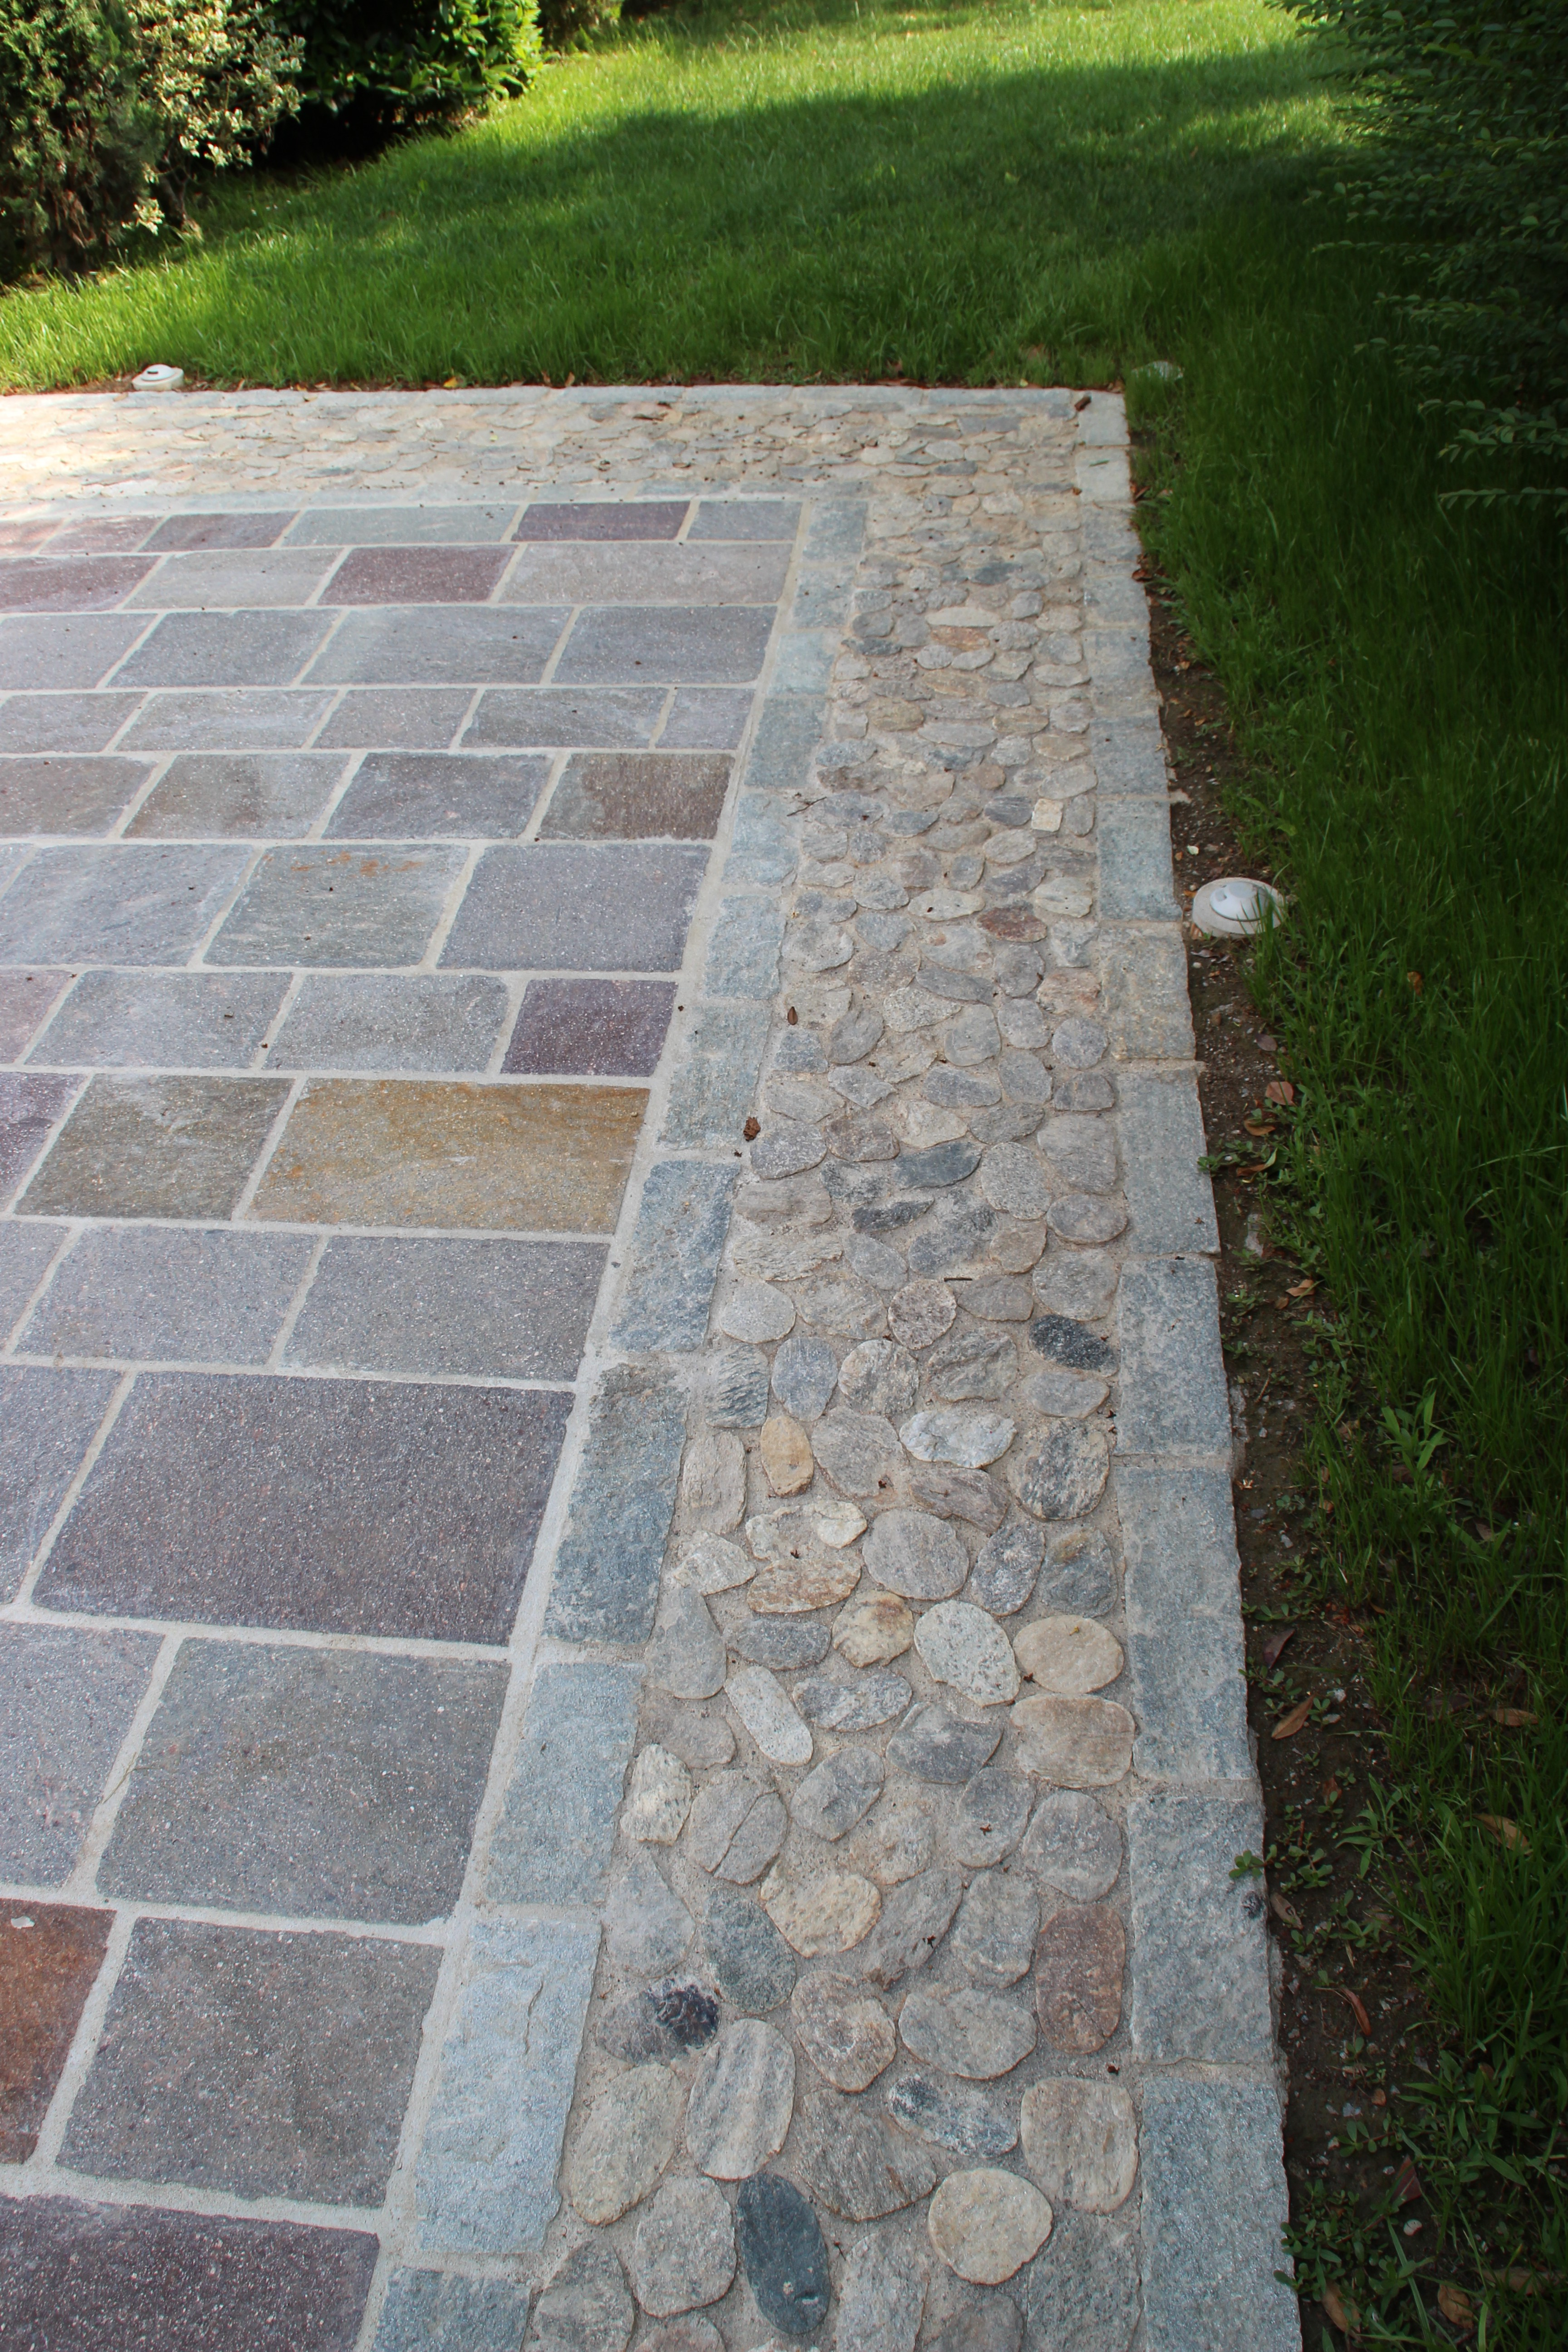 Porfido Misure Miste a Correre e Ciottoli Tranciati - Pavimenti per esterni in pietra naturale ...